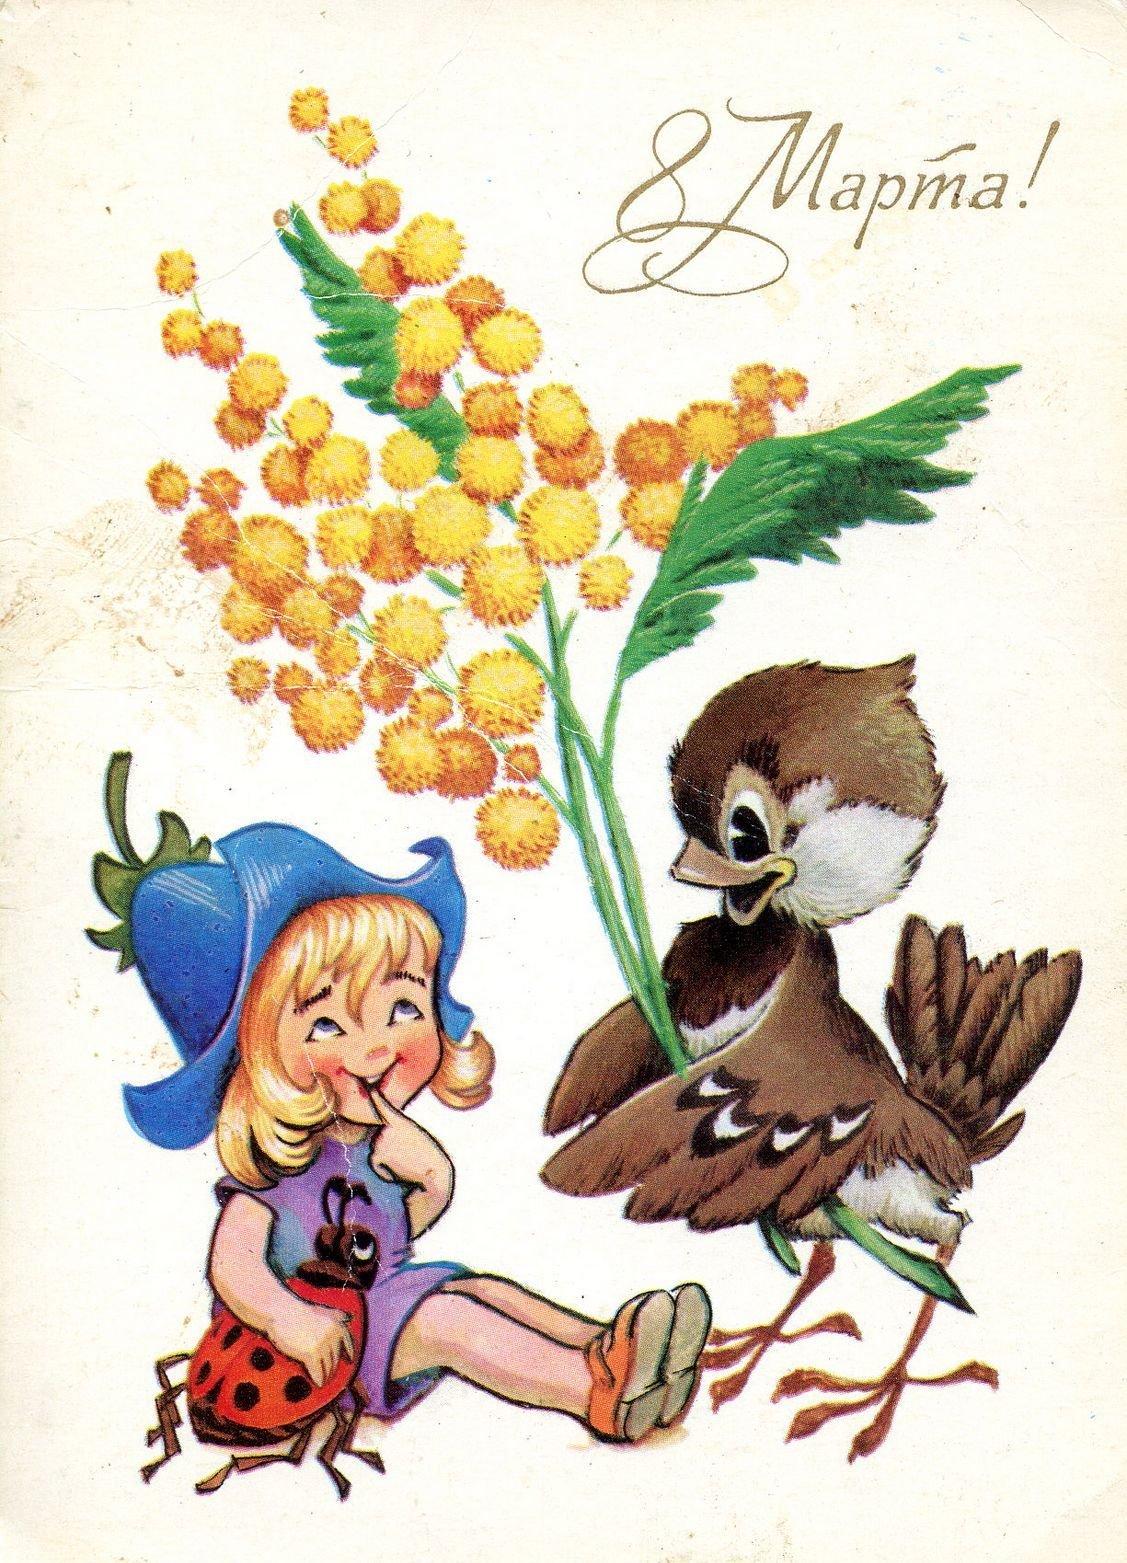 Старые открытки по празднику 8 марта, открытки благодарностью поздравления